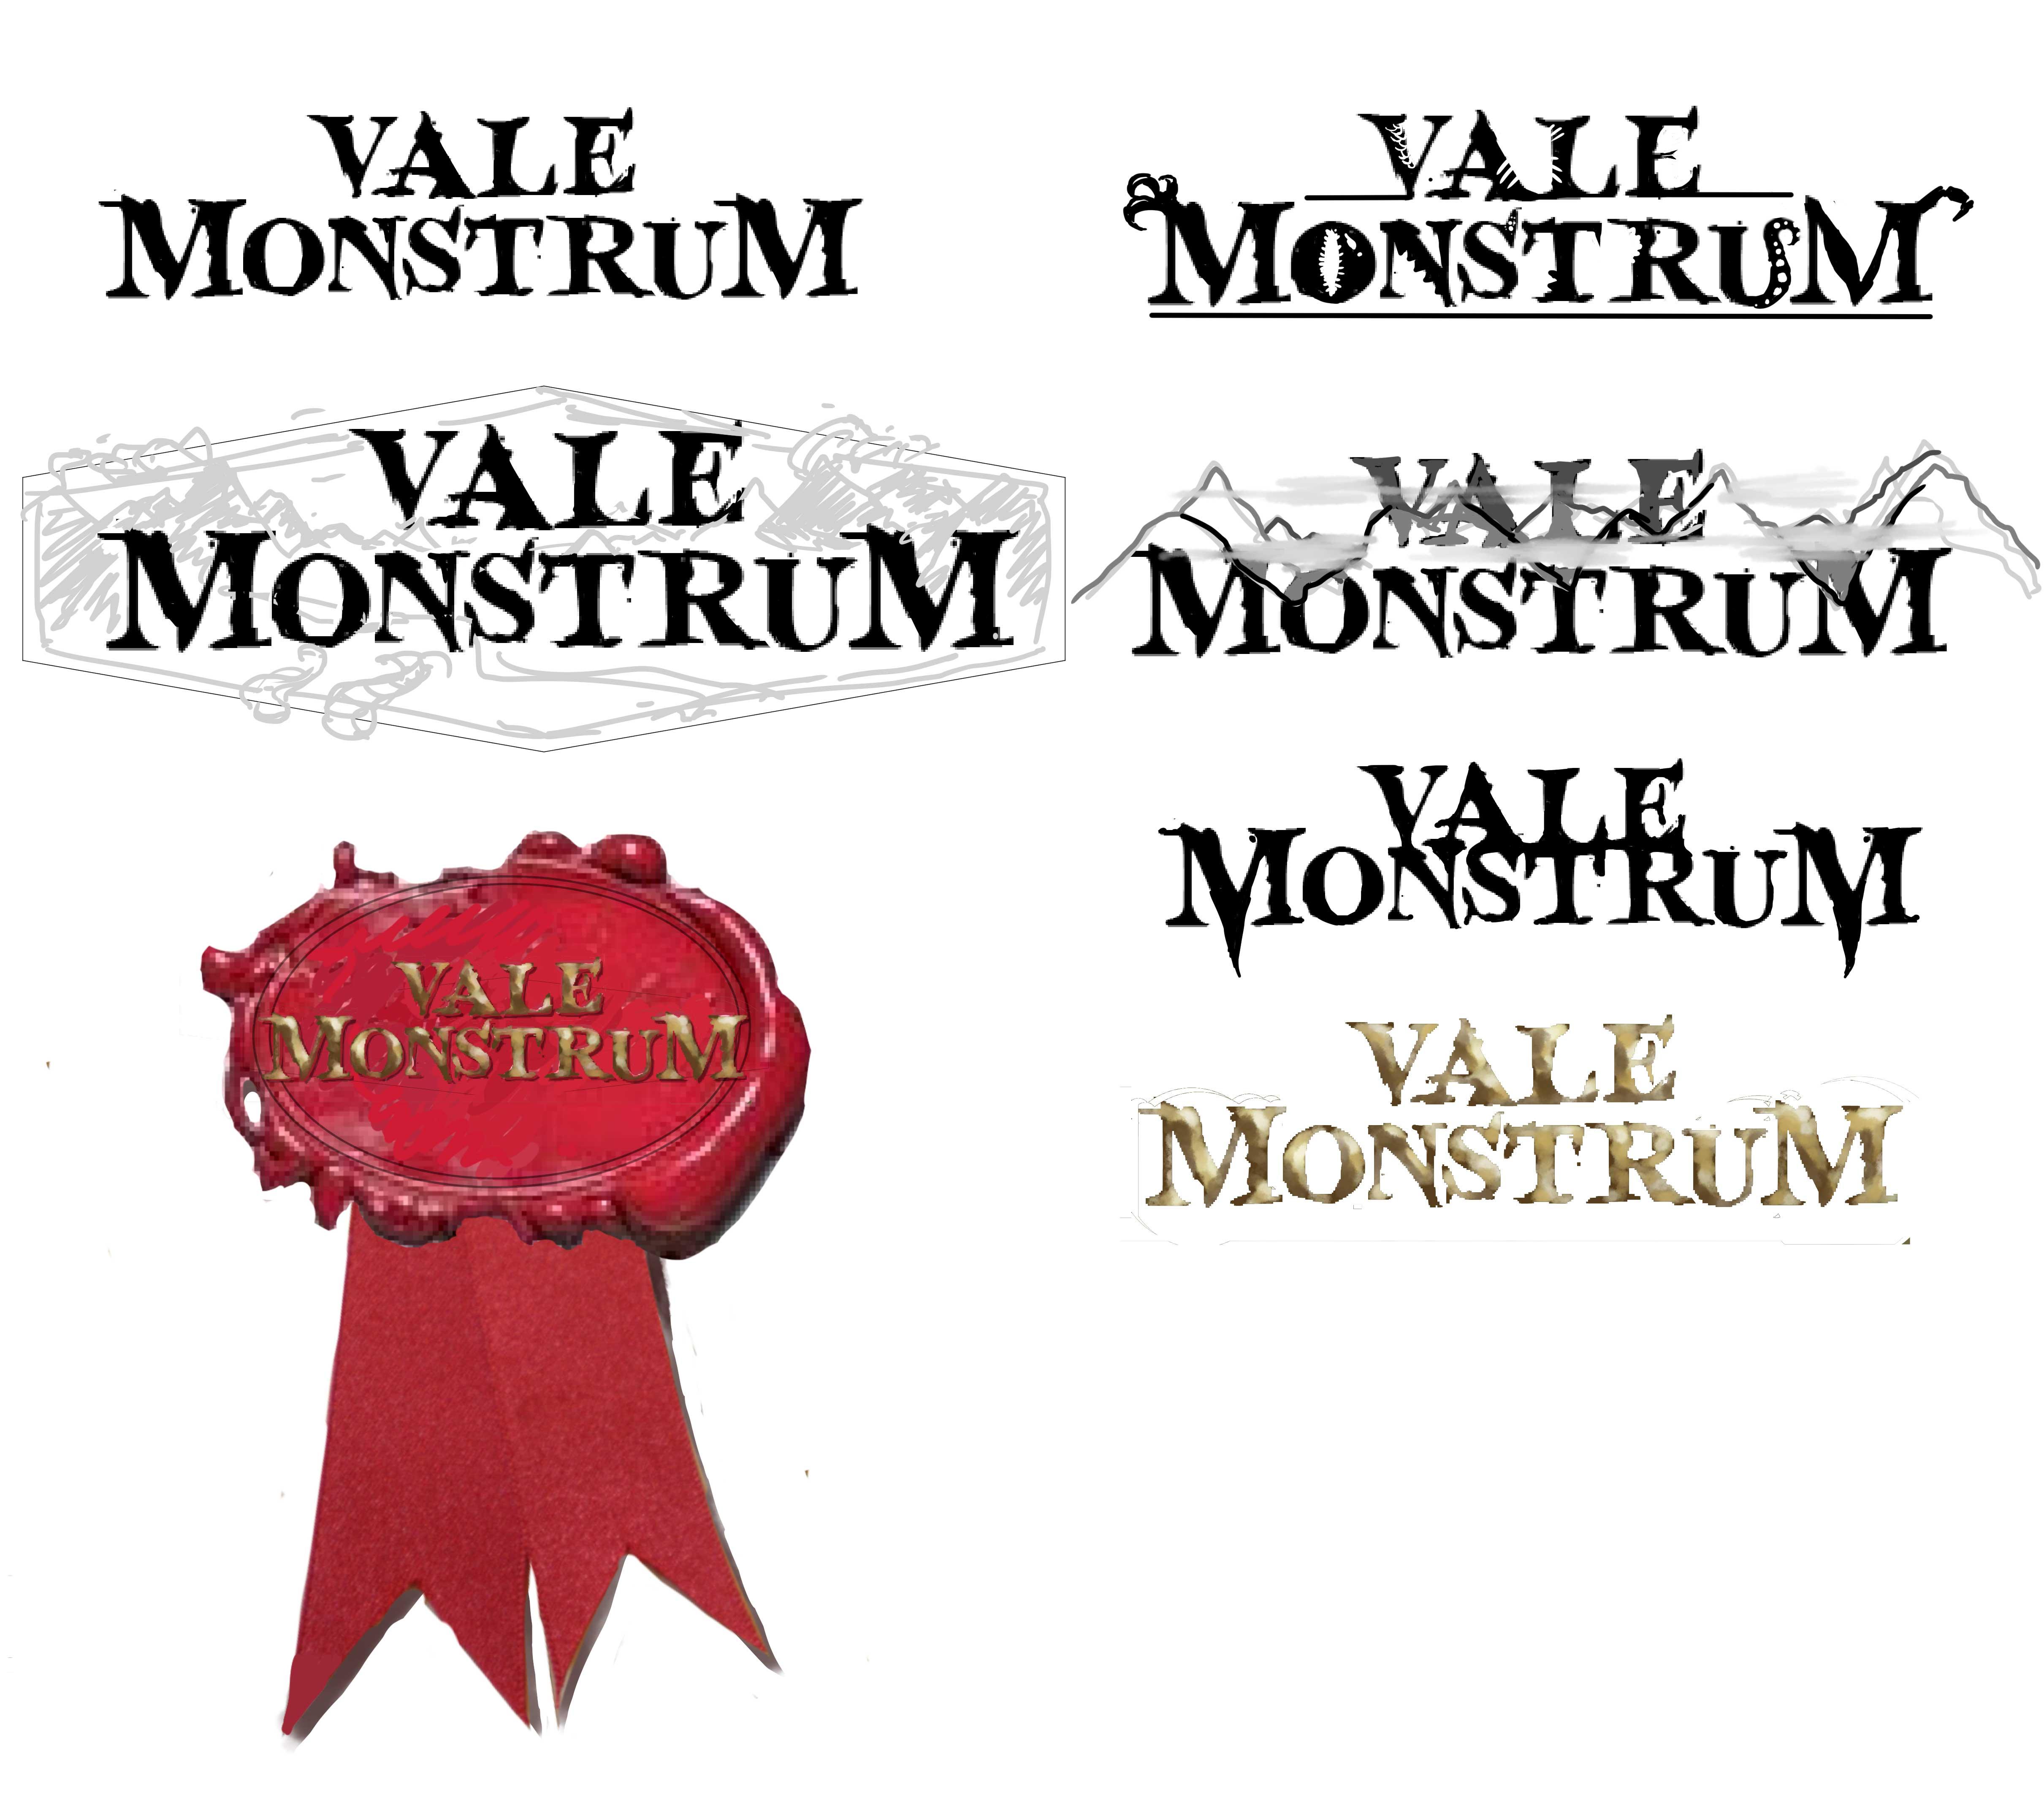 vale-monstrum-logo-mockups1-